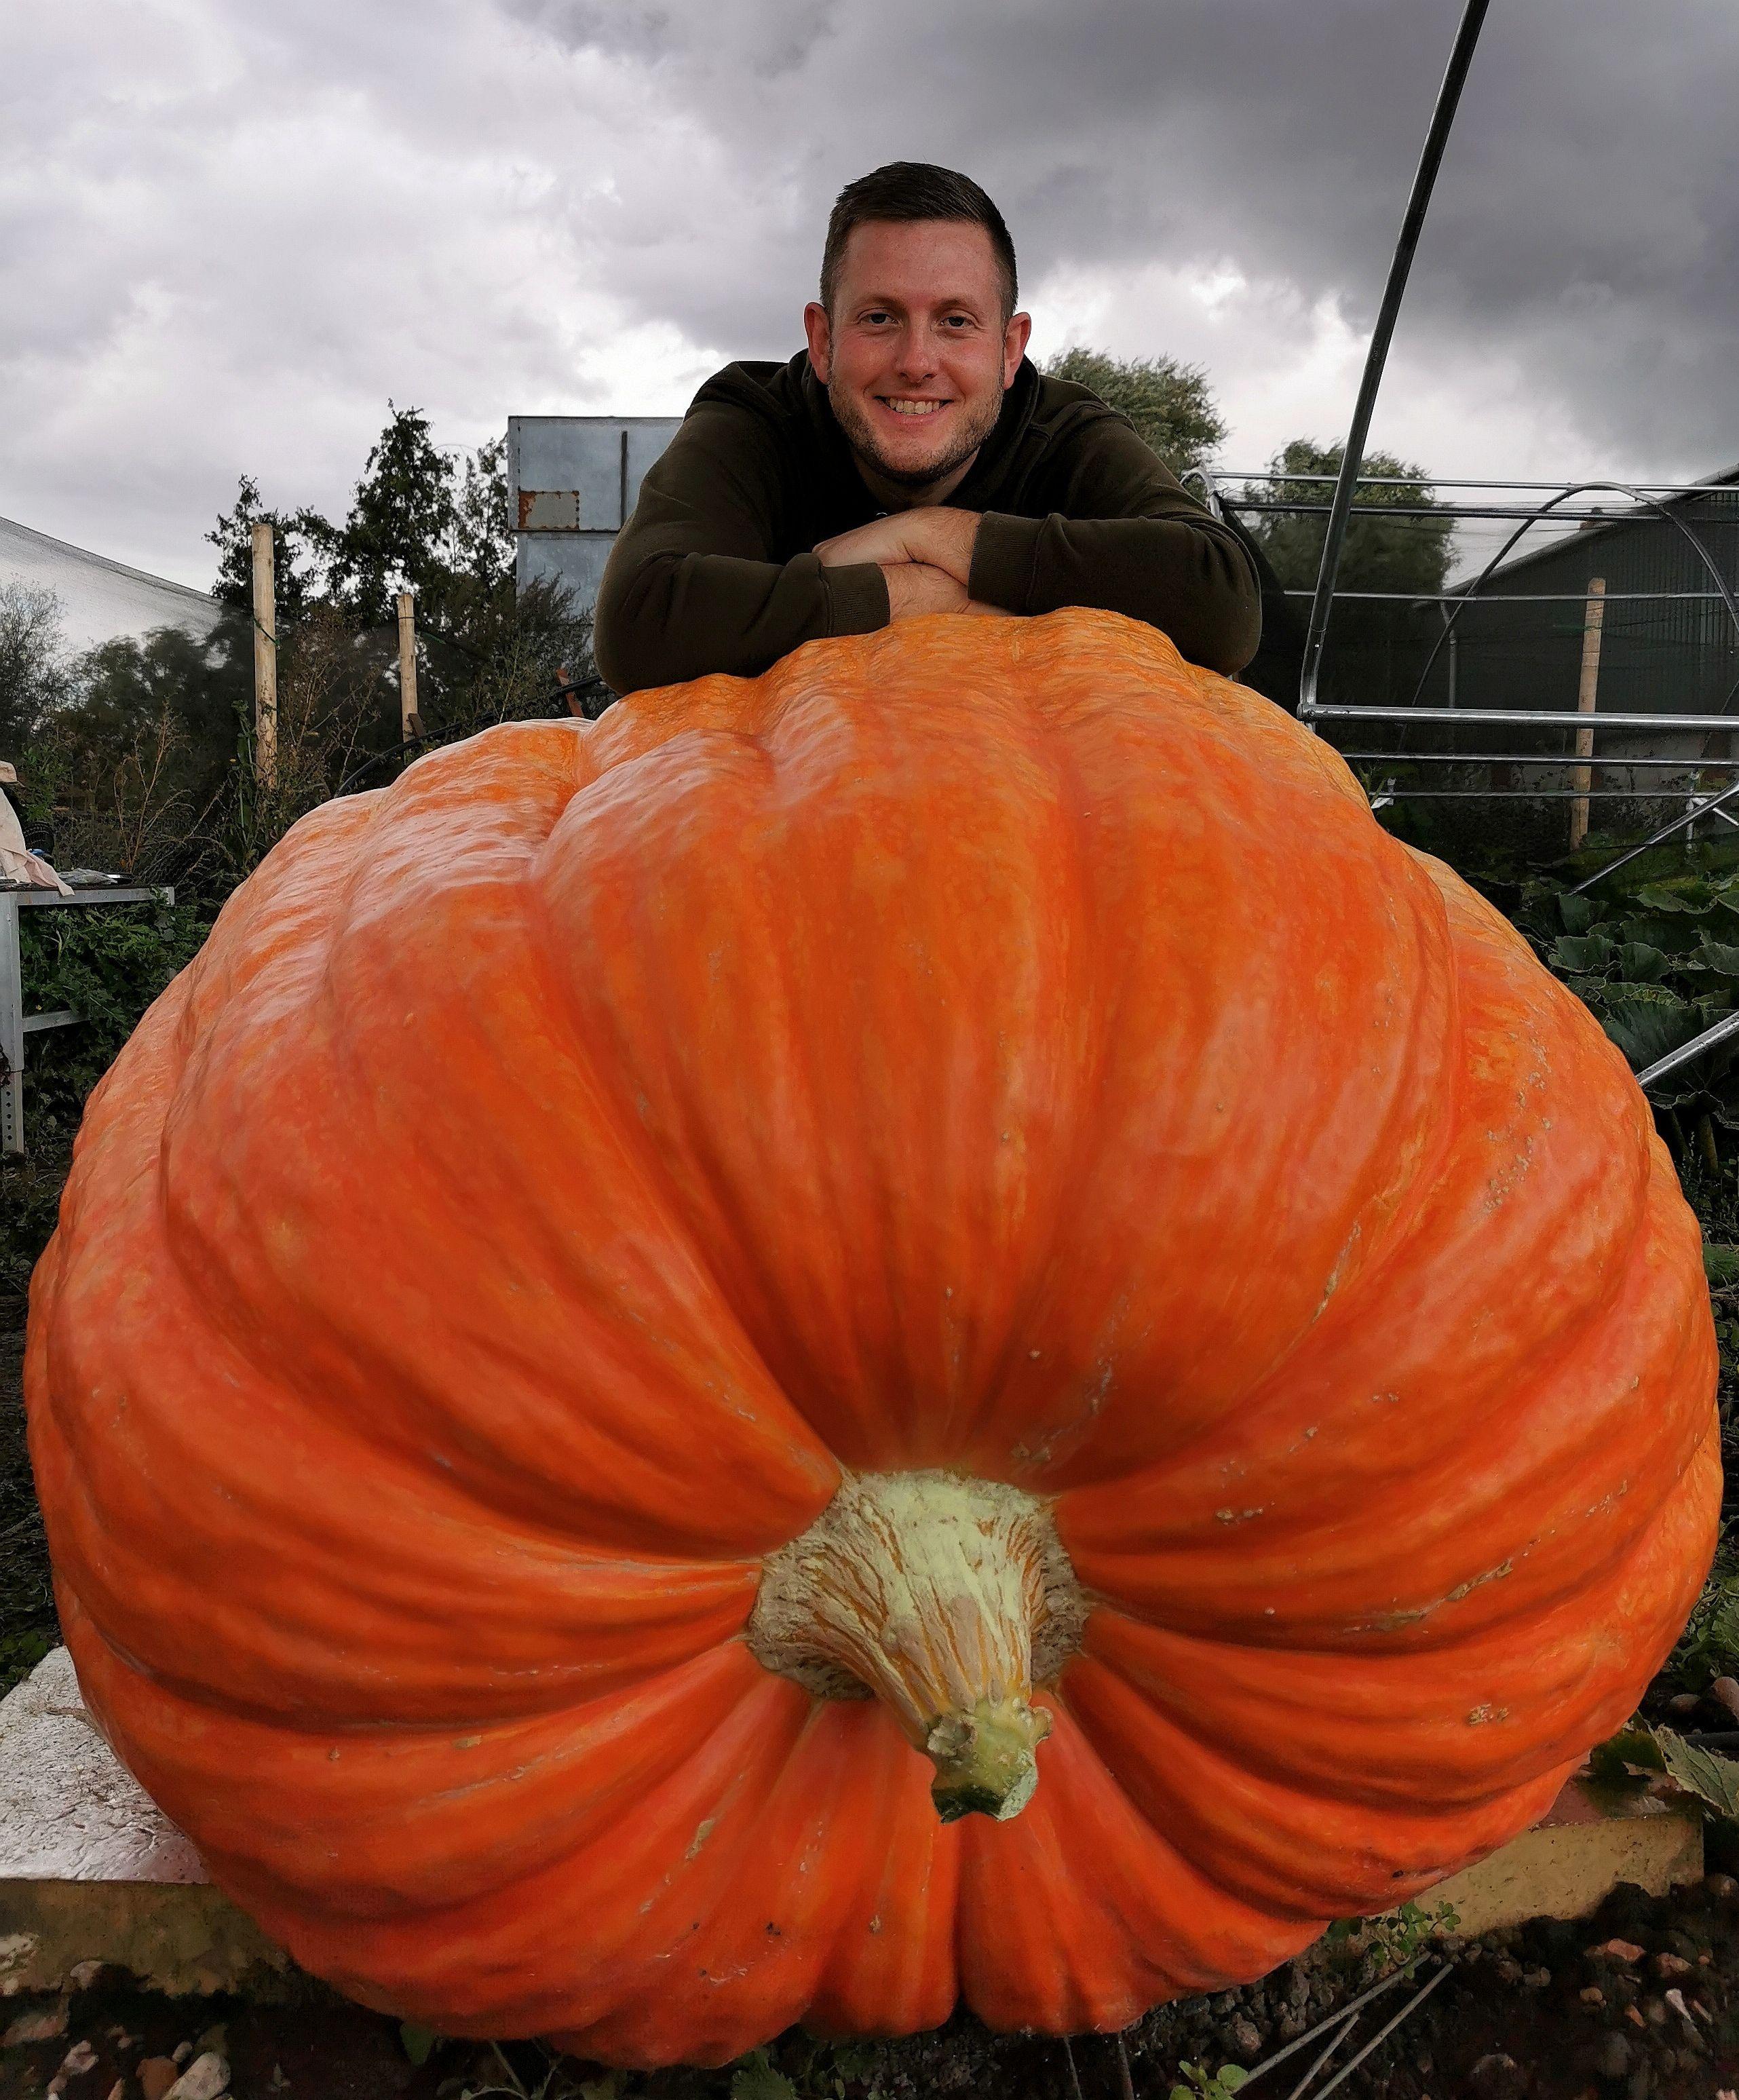 Chelsea Flower Show's Giant 758lb Pumpkin Grown Using Nutrigrow Fertiliser